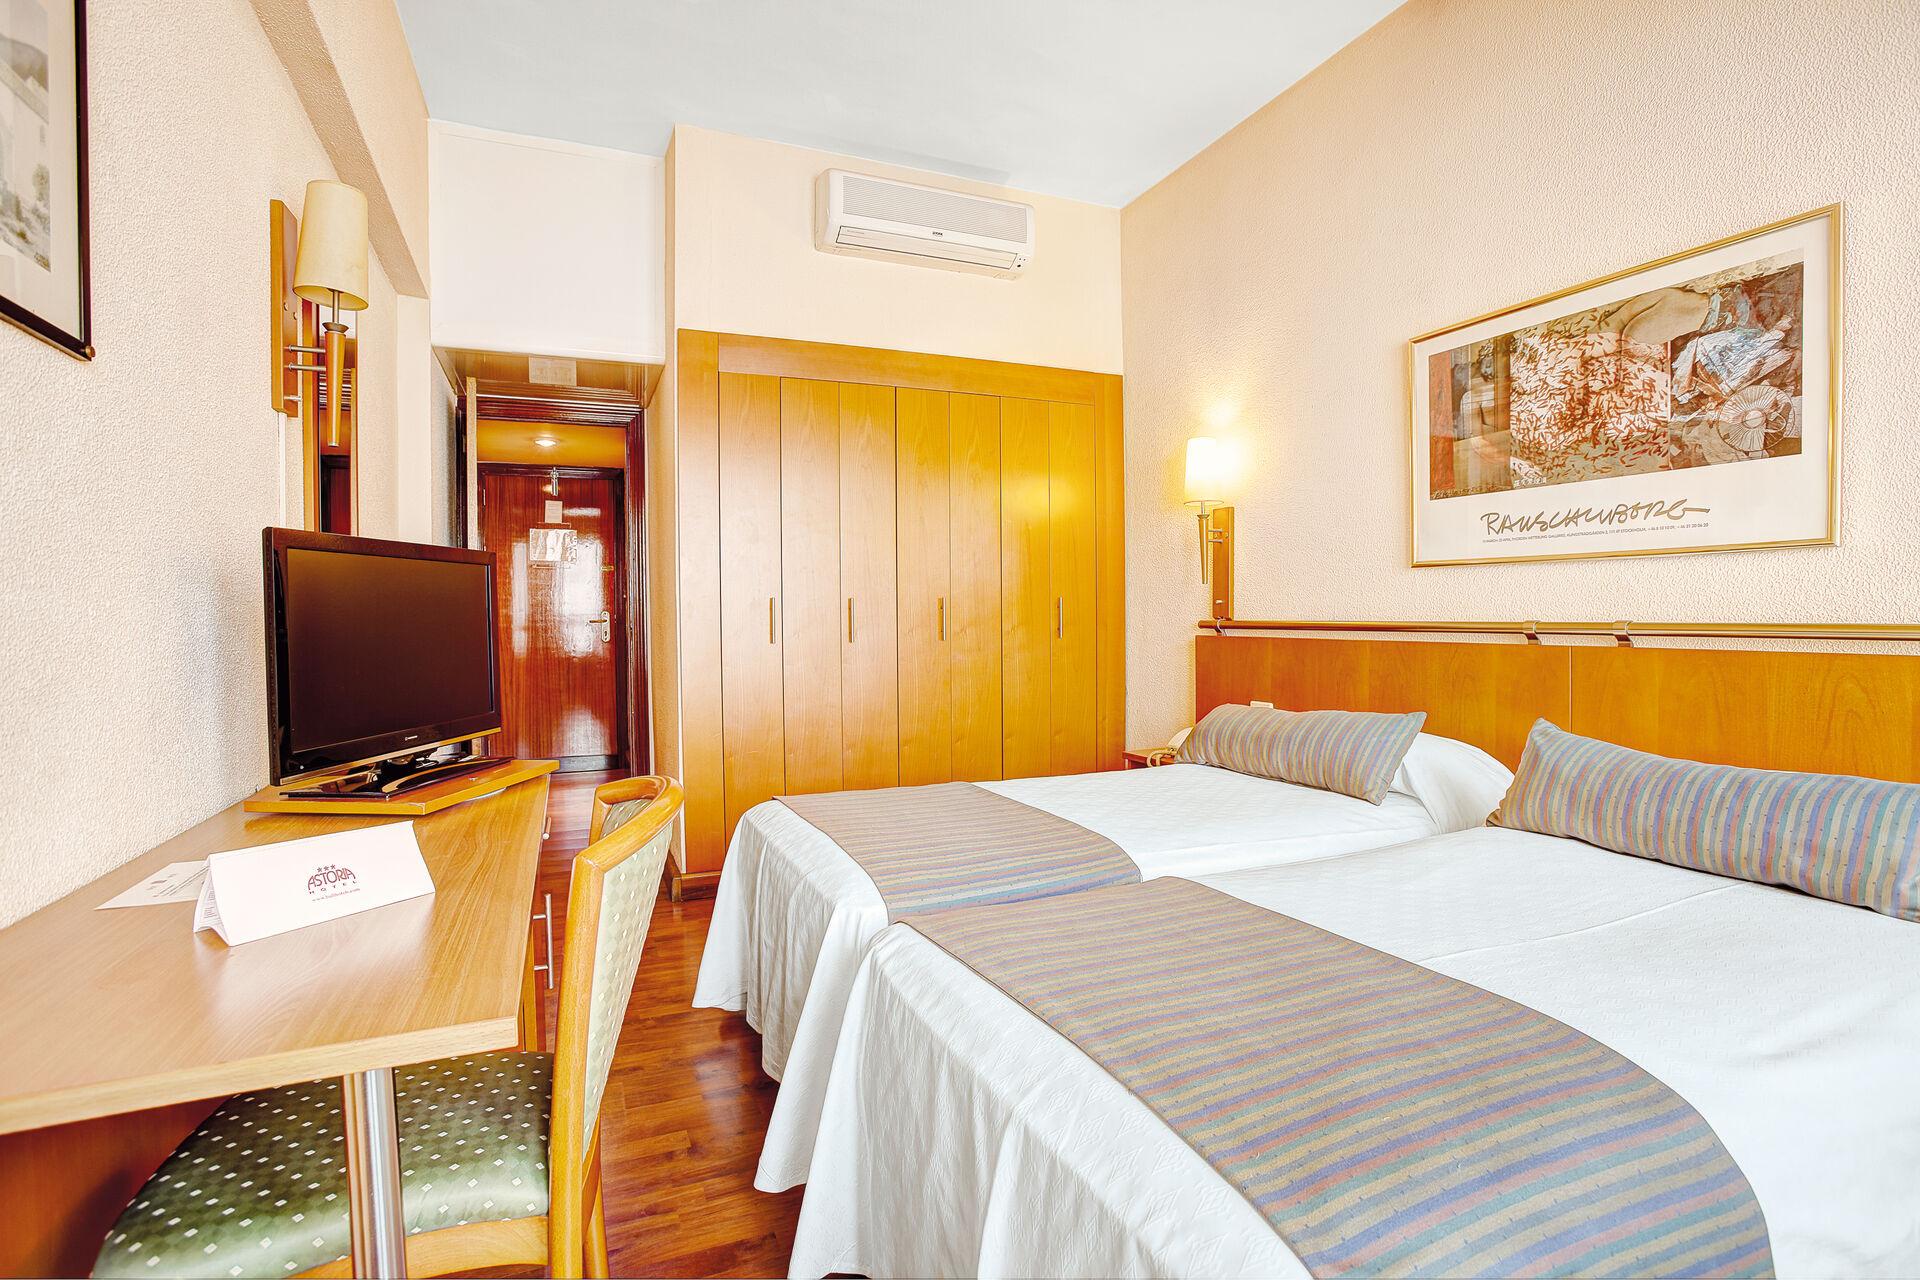 Canaries - Grande Canarie - Espagne - Hôtel Bull Astoria 3*